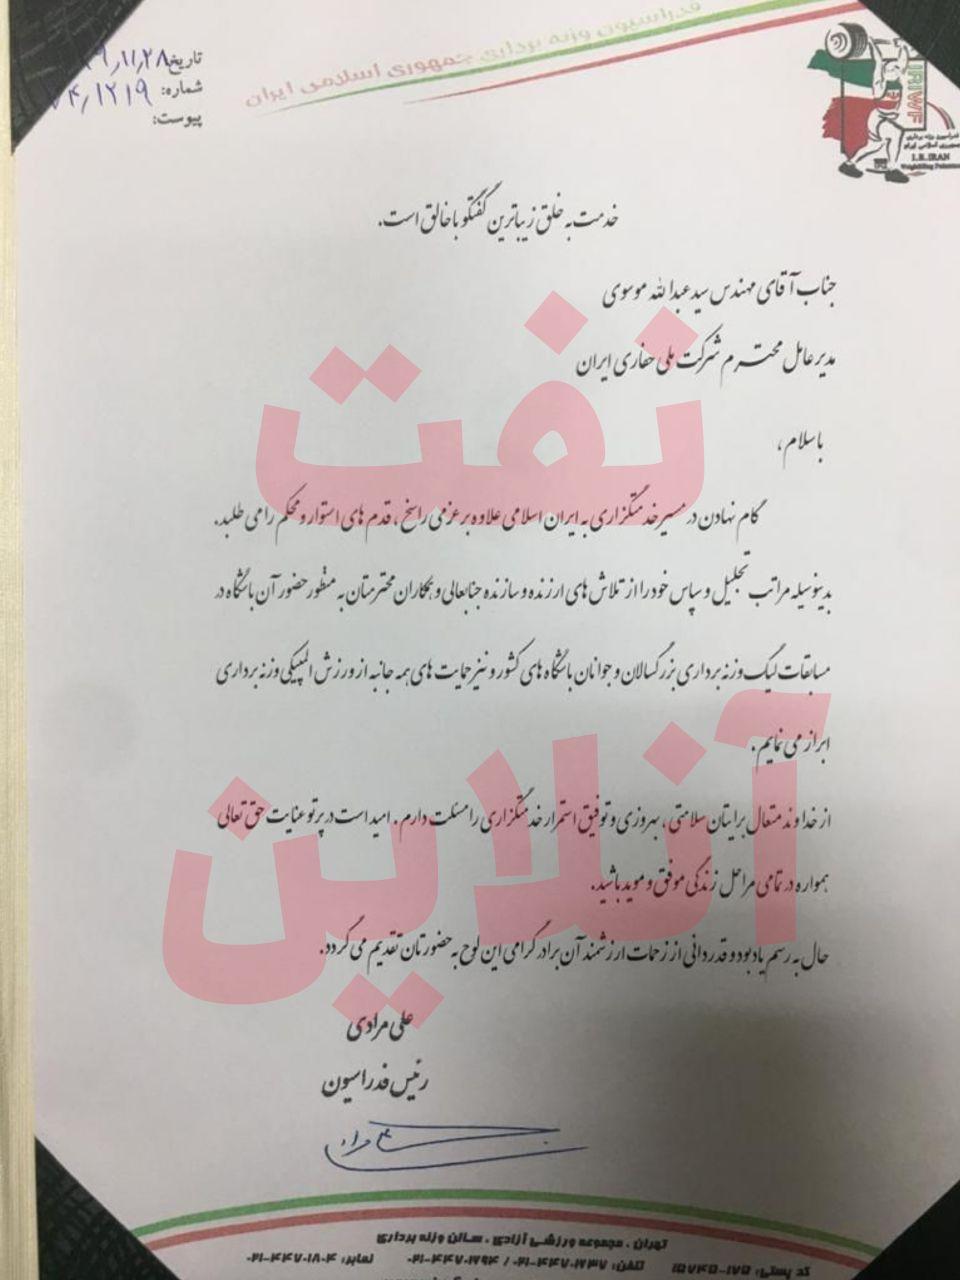 سید عبدالله موسوی حفاری